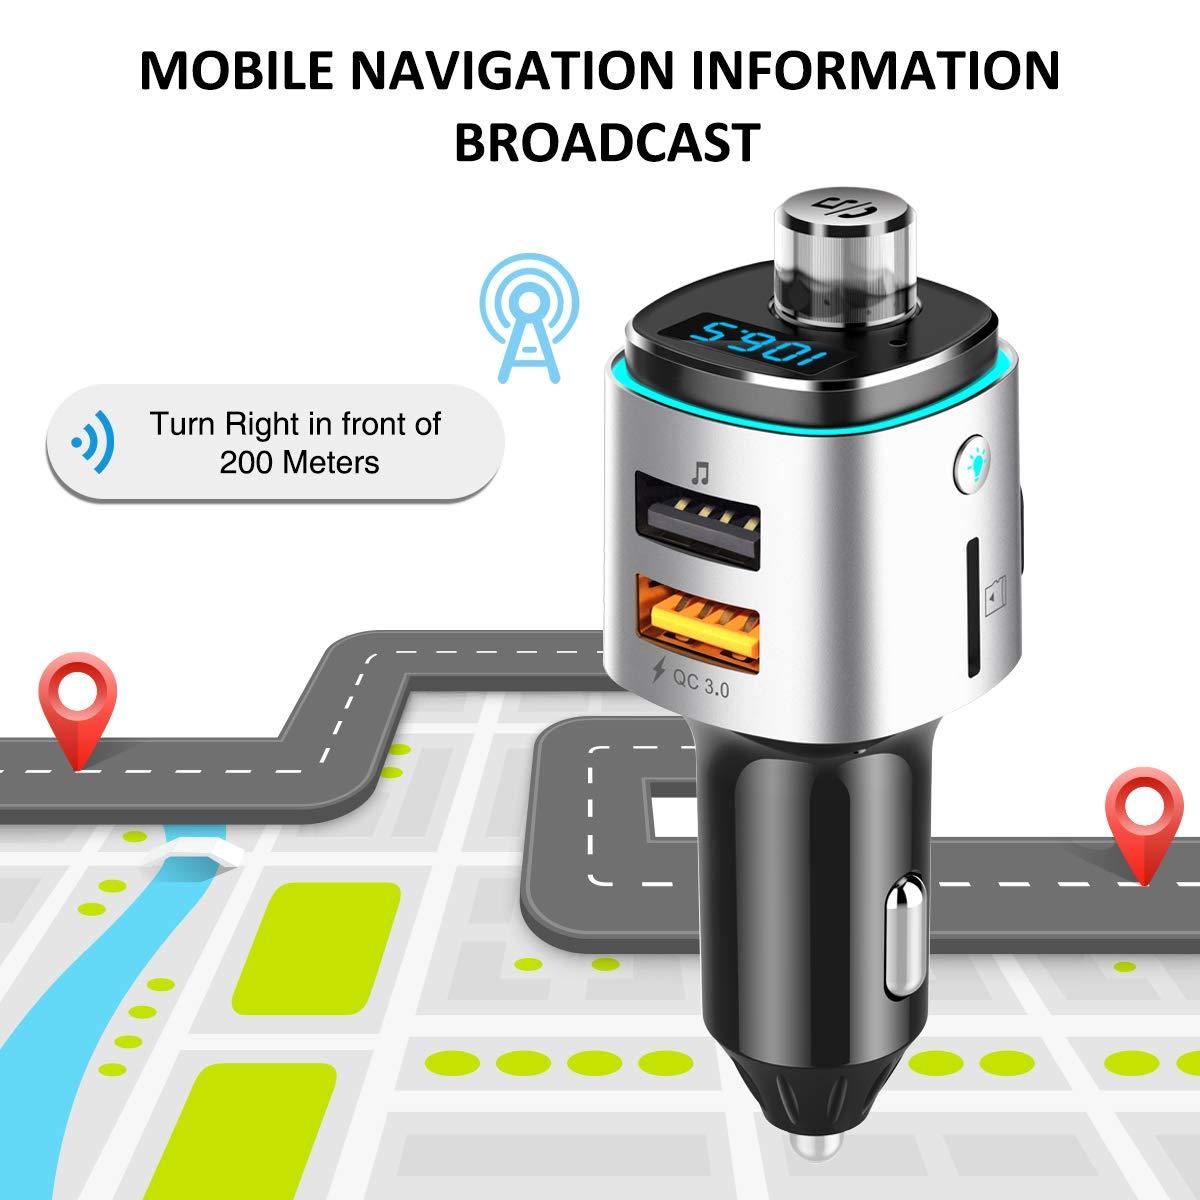 Transmetteur FM Bluetooth AceTend Transmetteur FM Kit de Voiture Mains Libres sans Fil Adaptateur Radio Chargeur de Voiture avec QC3.0